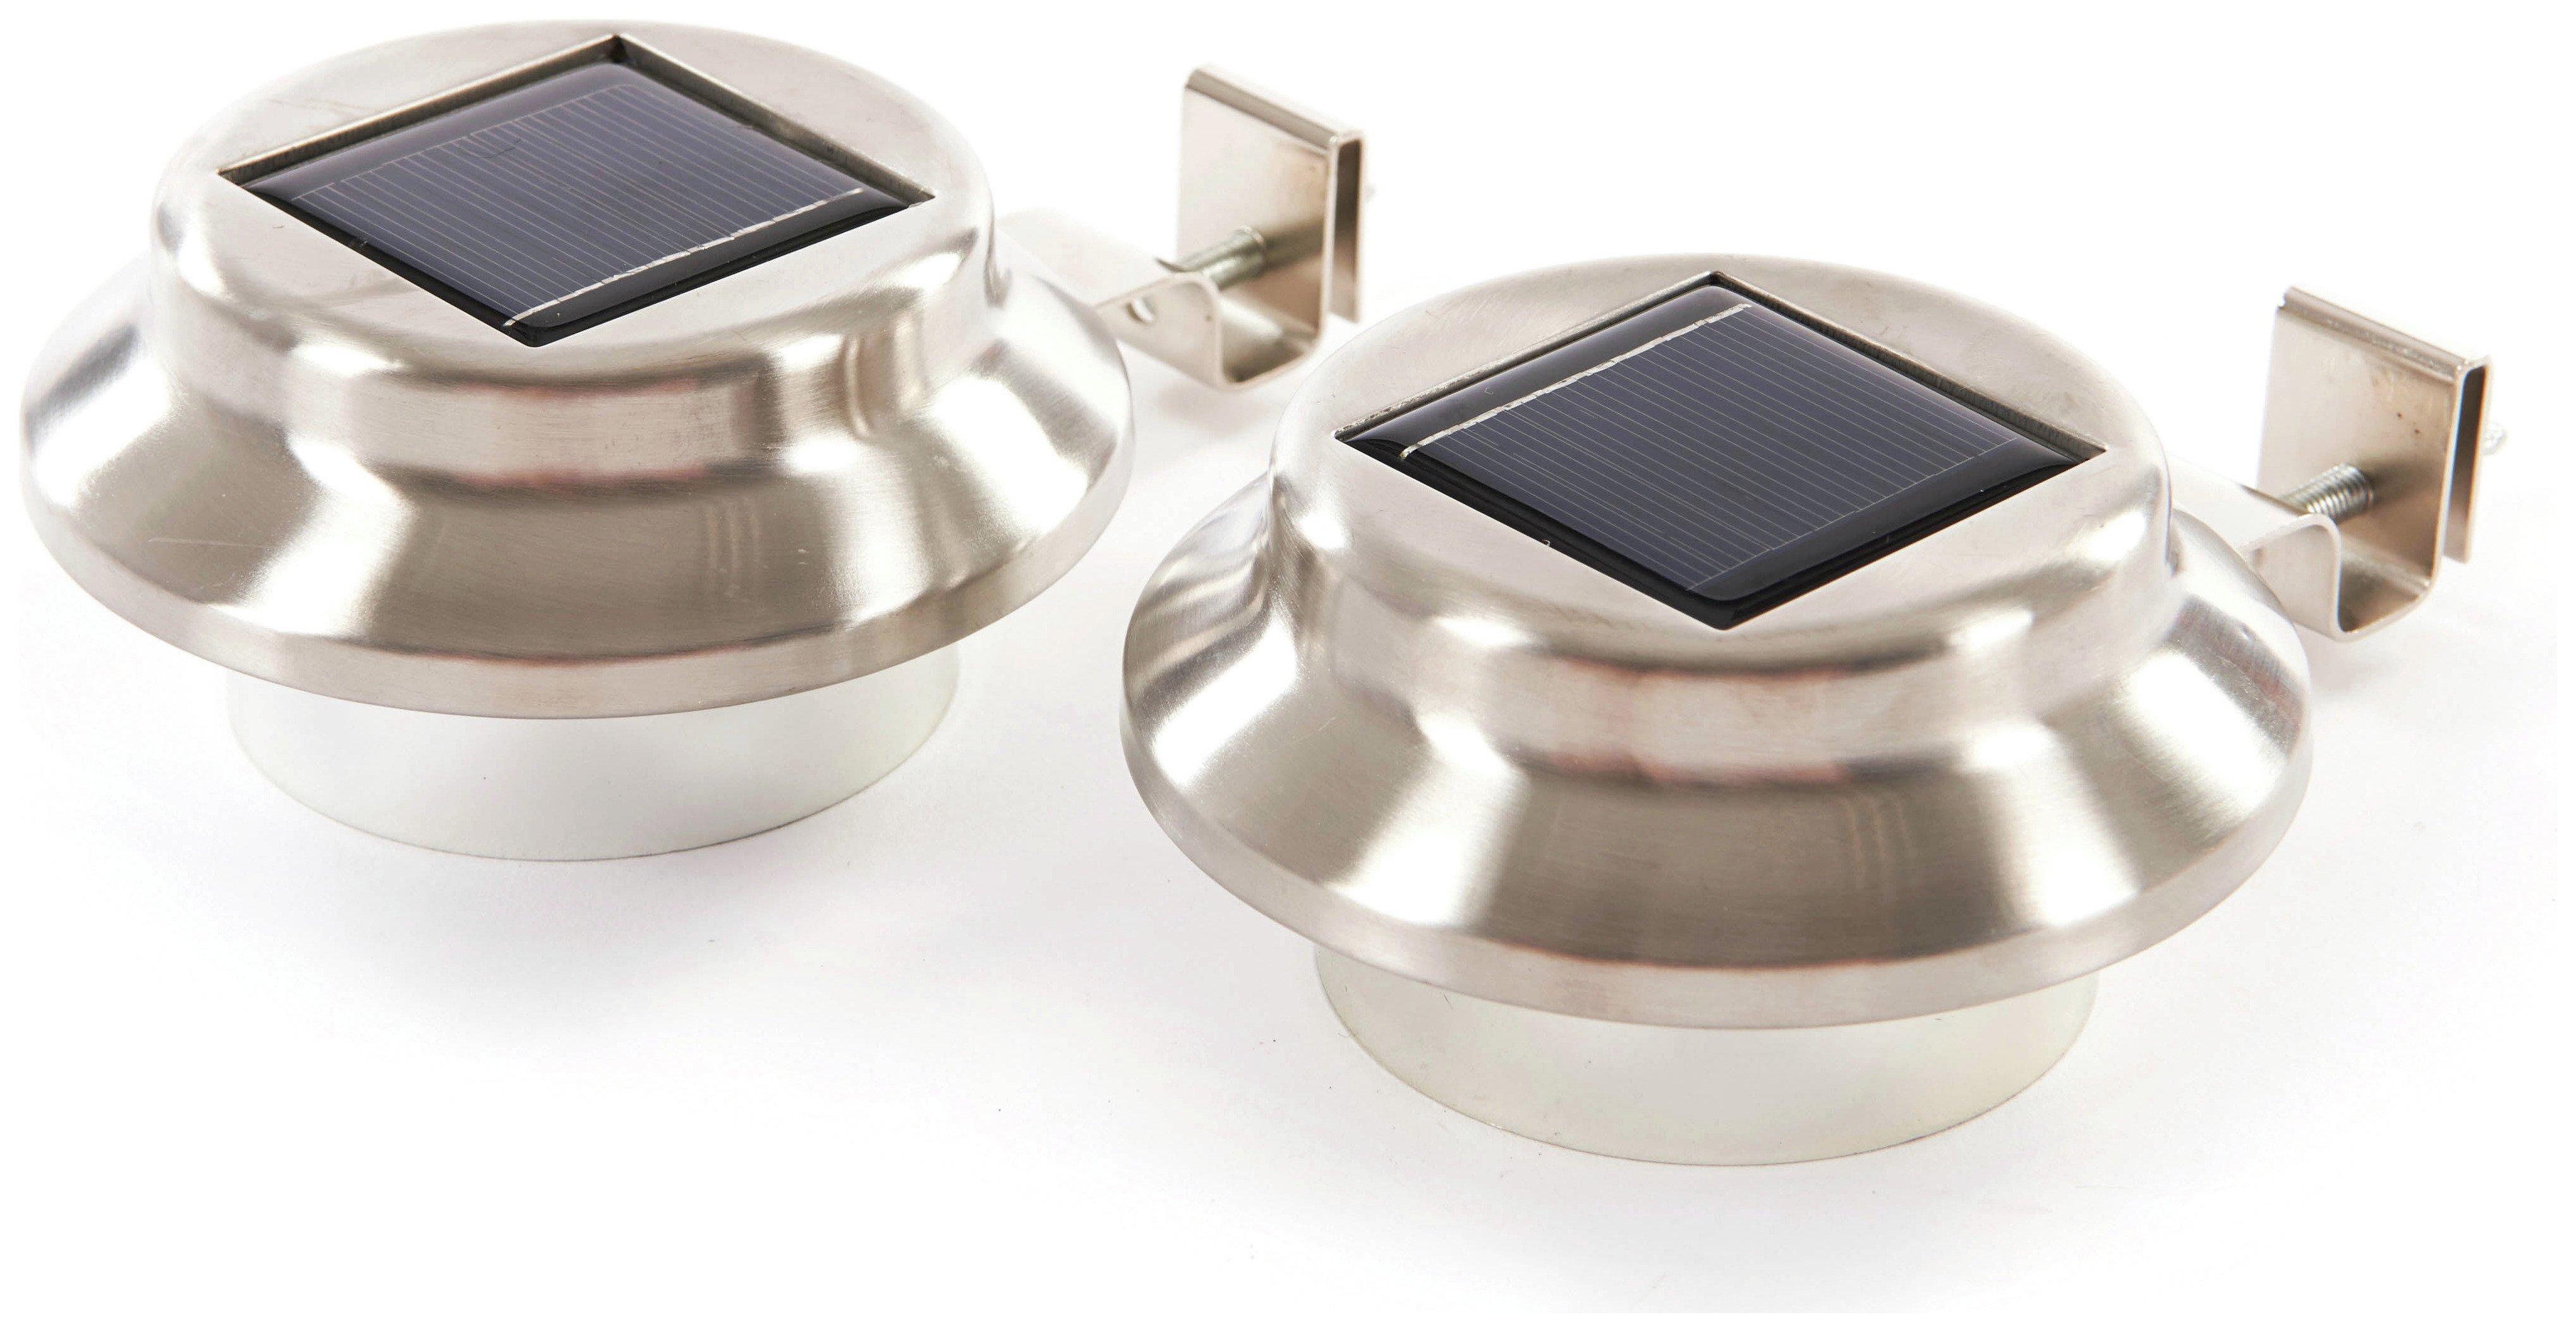 powertek-stainless-steel-solar-gutter-lights-set-of-2